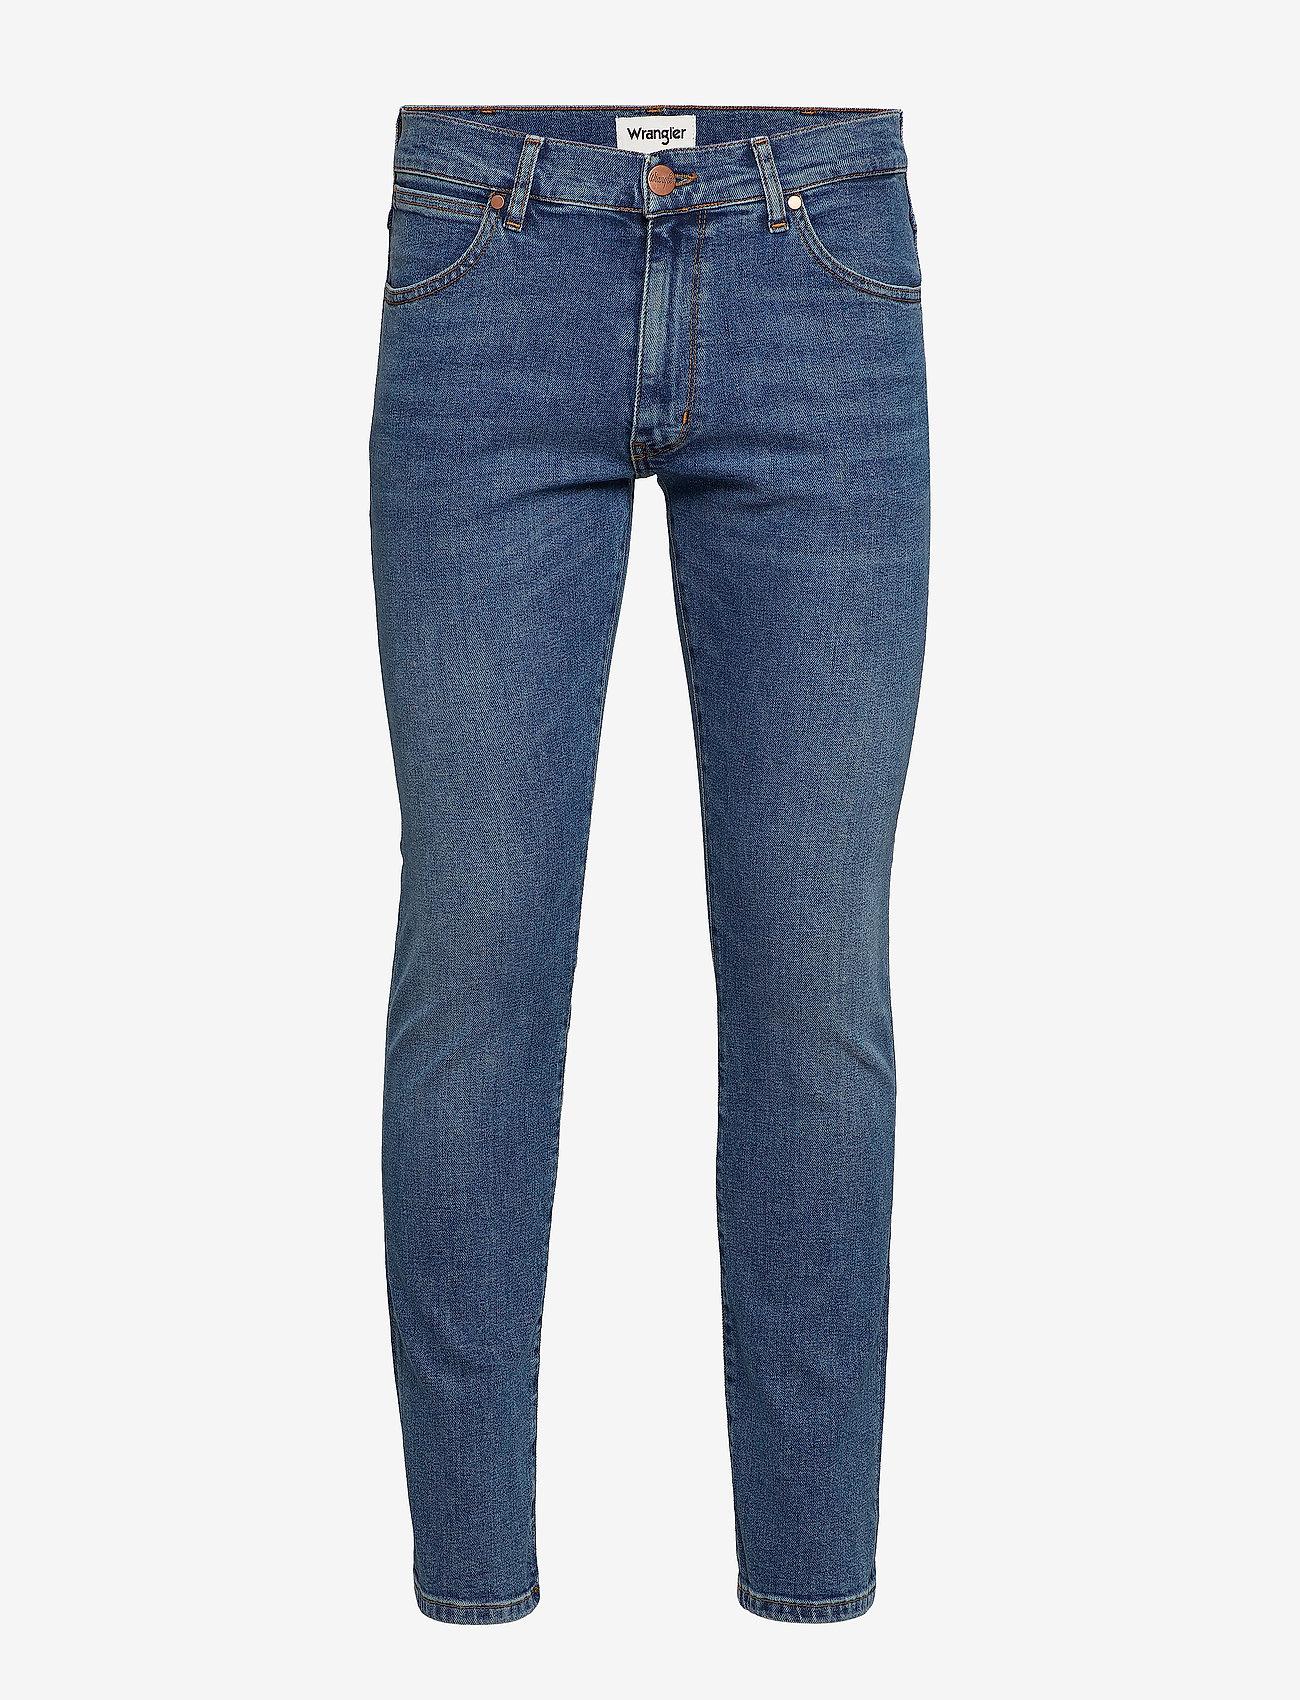 Wrangler - LARSTON - slim jeans - blue fire